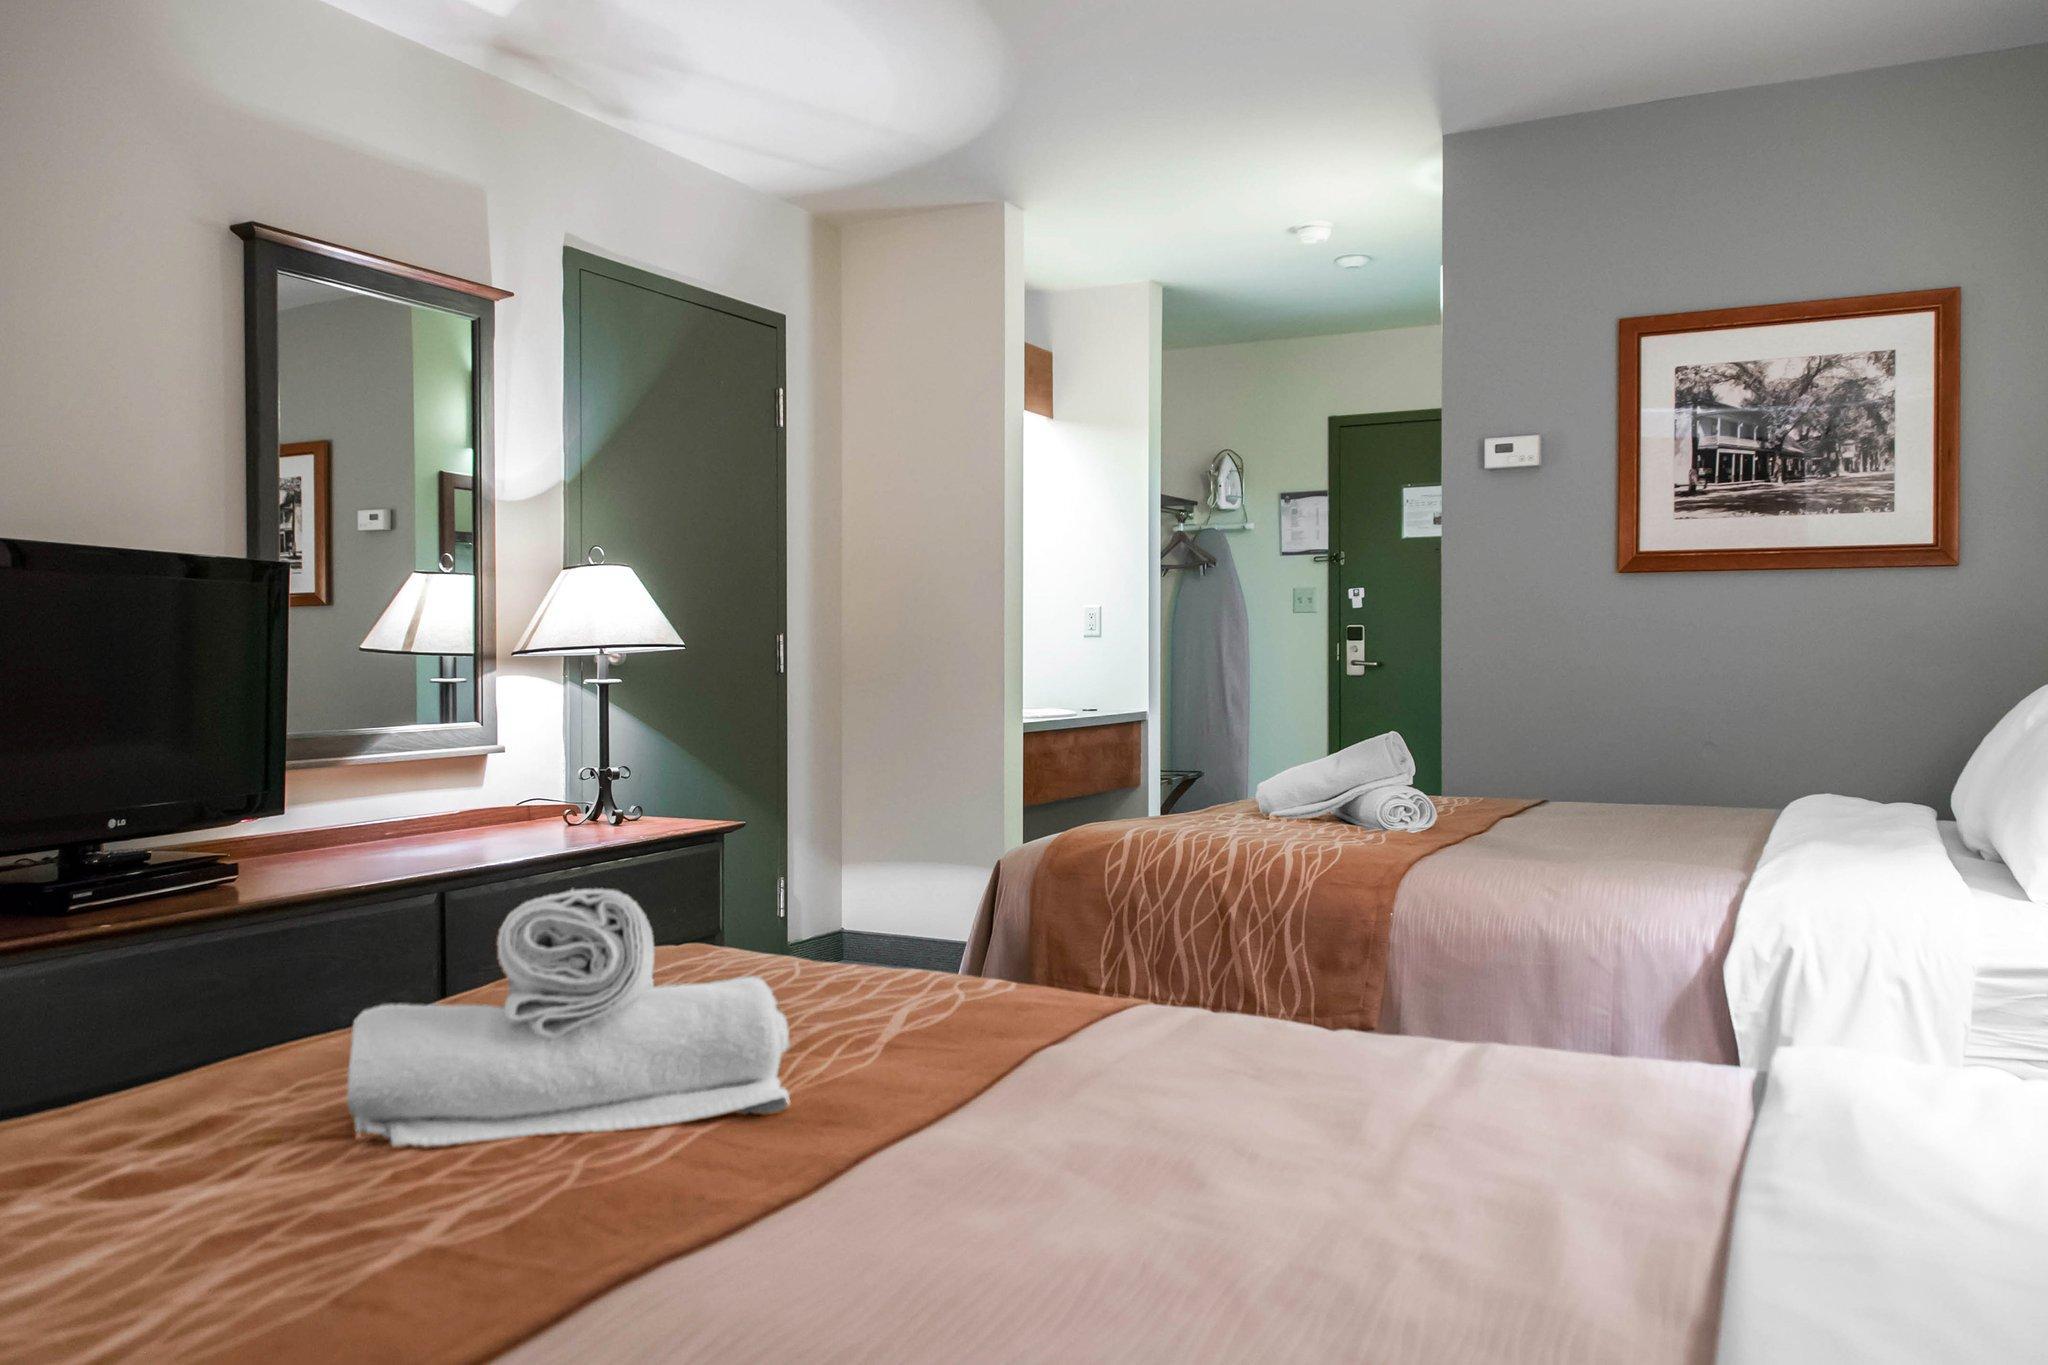 guest-room.jpg